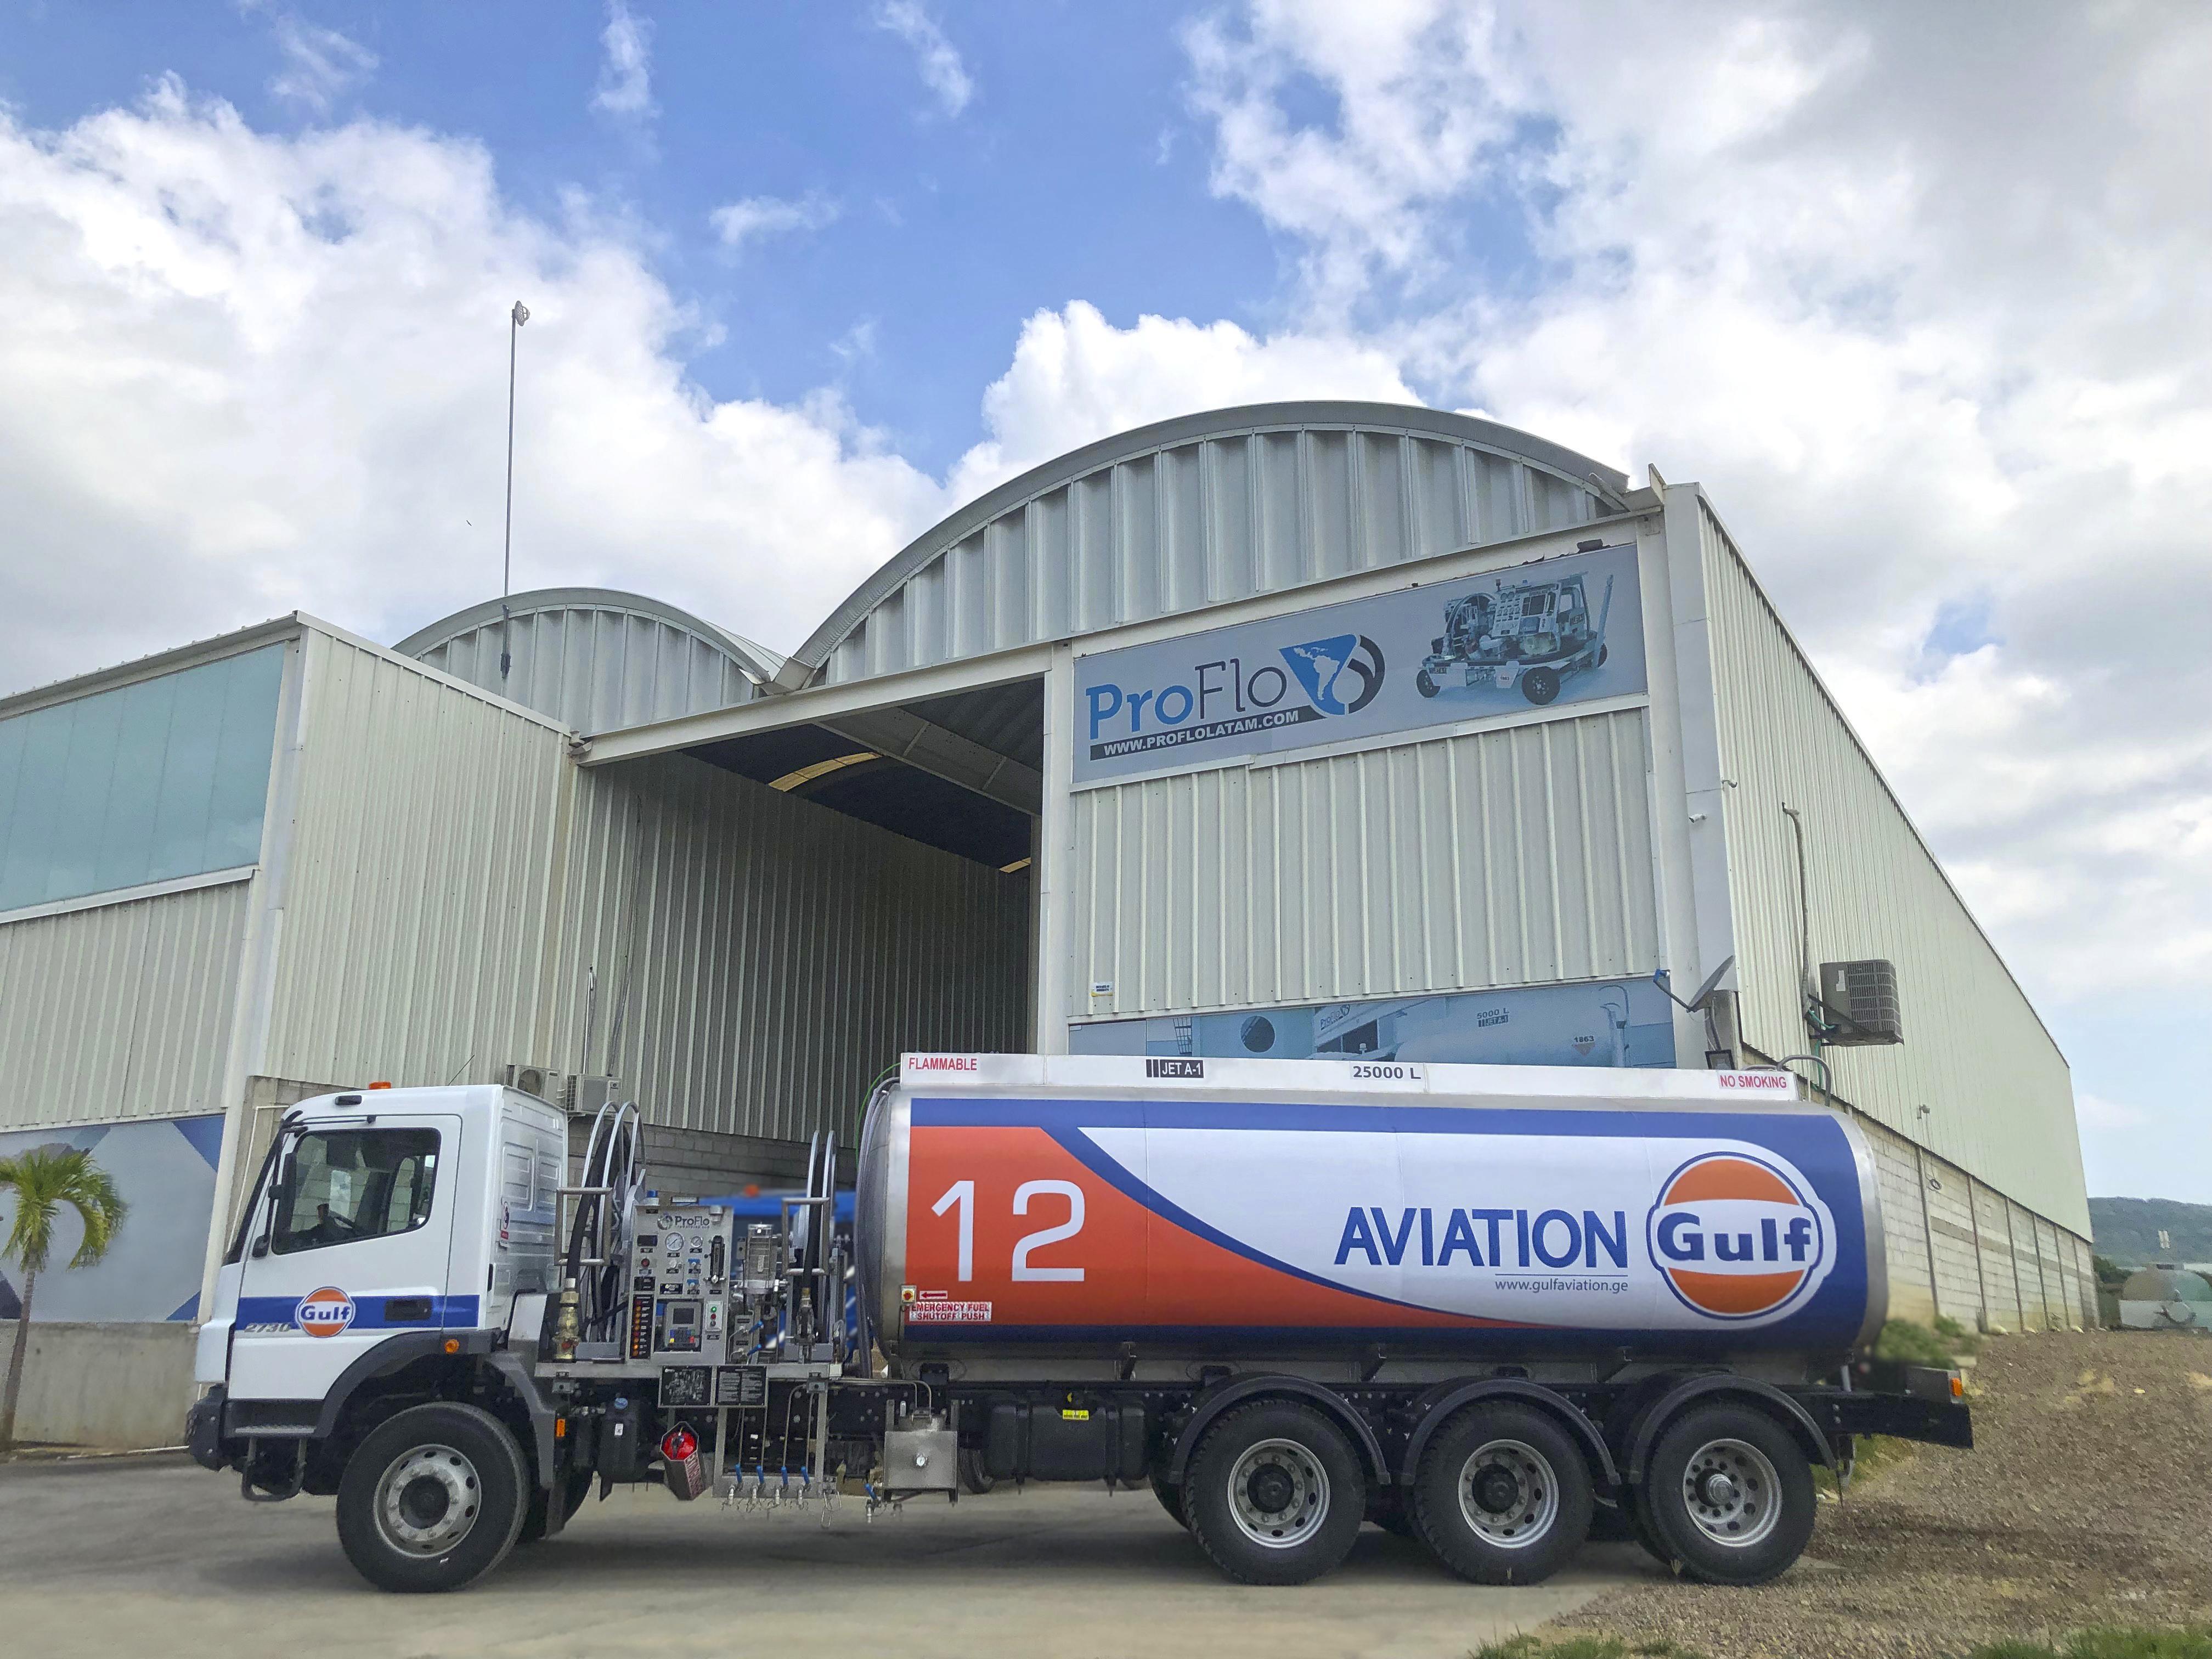 Nuevo refueler Jet A1 de 25.000 litros (6.600 galones)